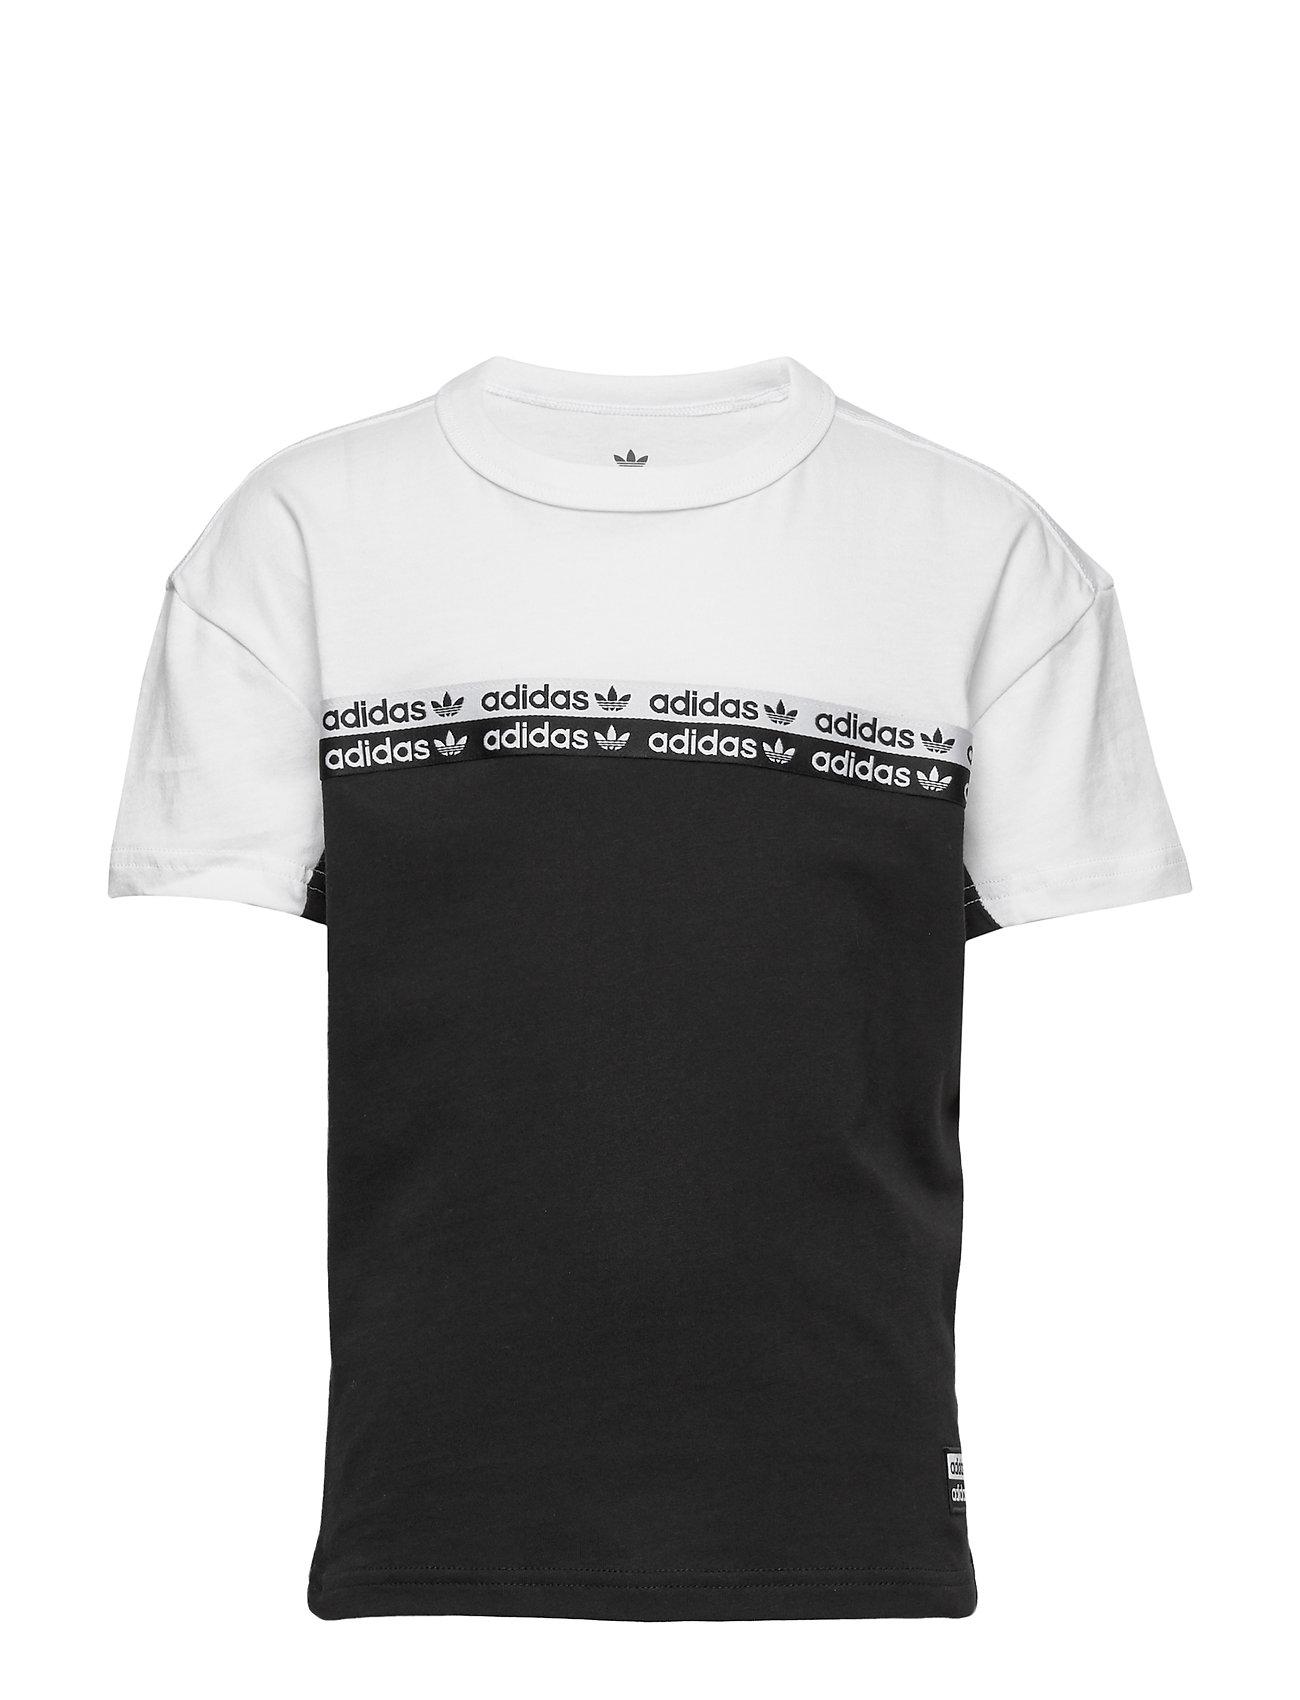 adidas Originals TEE - BLACK/WHITE